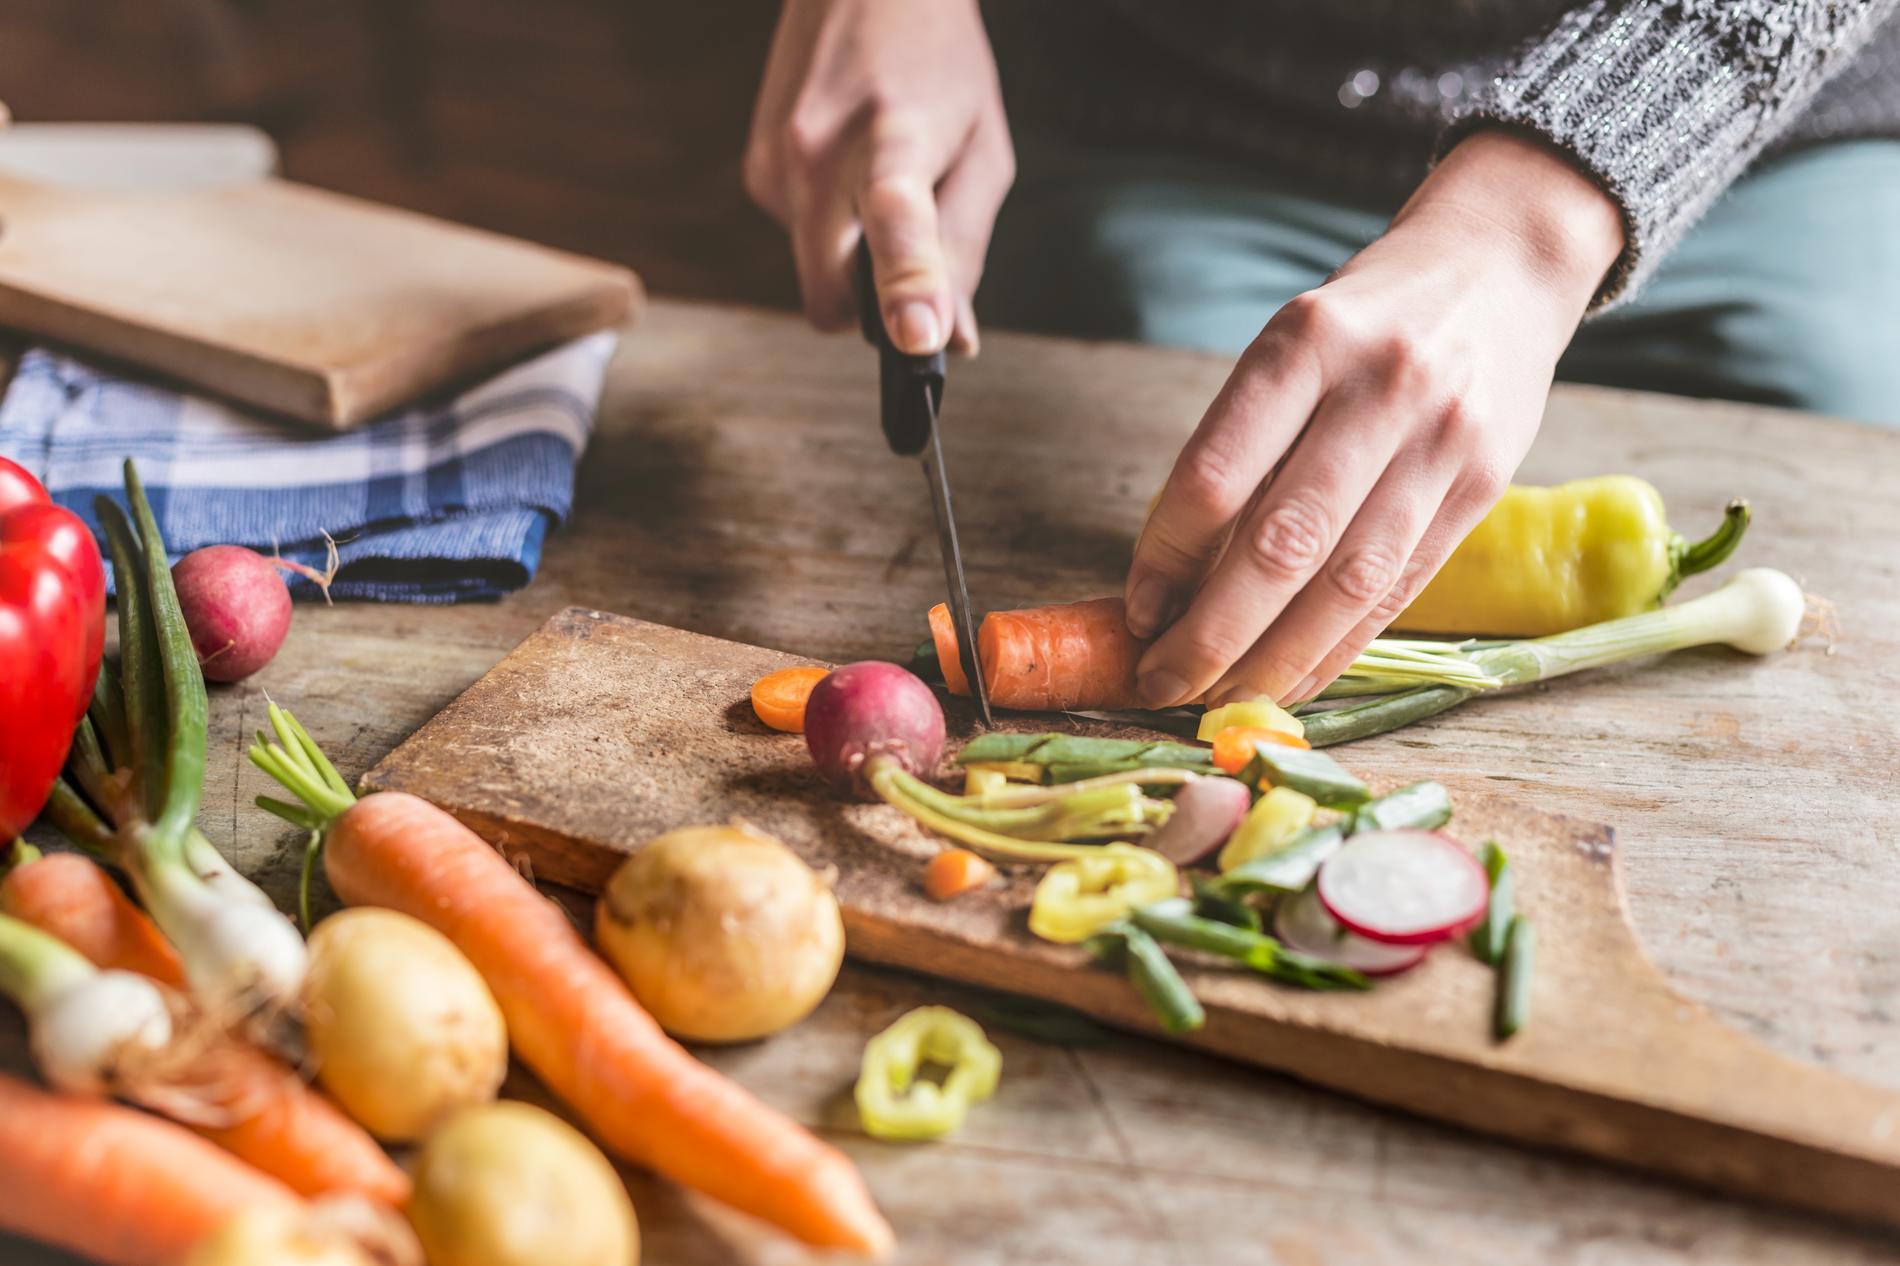 Cuisine 10 Astuces Qui Changent Tout 50 astuces qui vont vous changer la vie en cuisine - cuisine